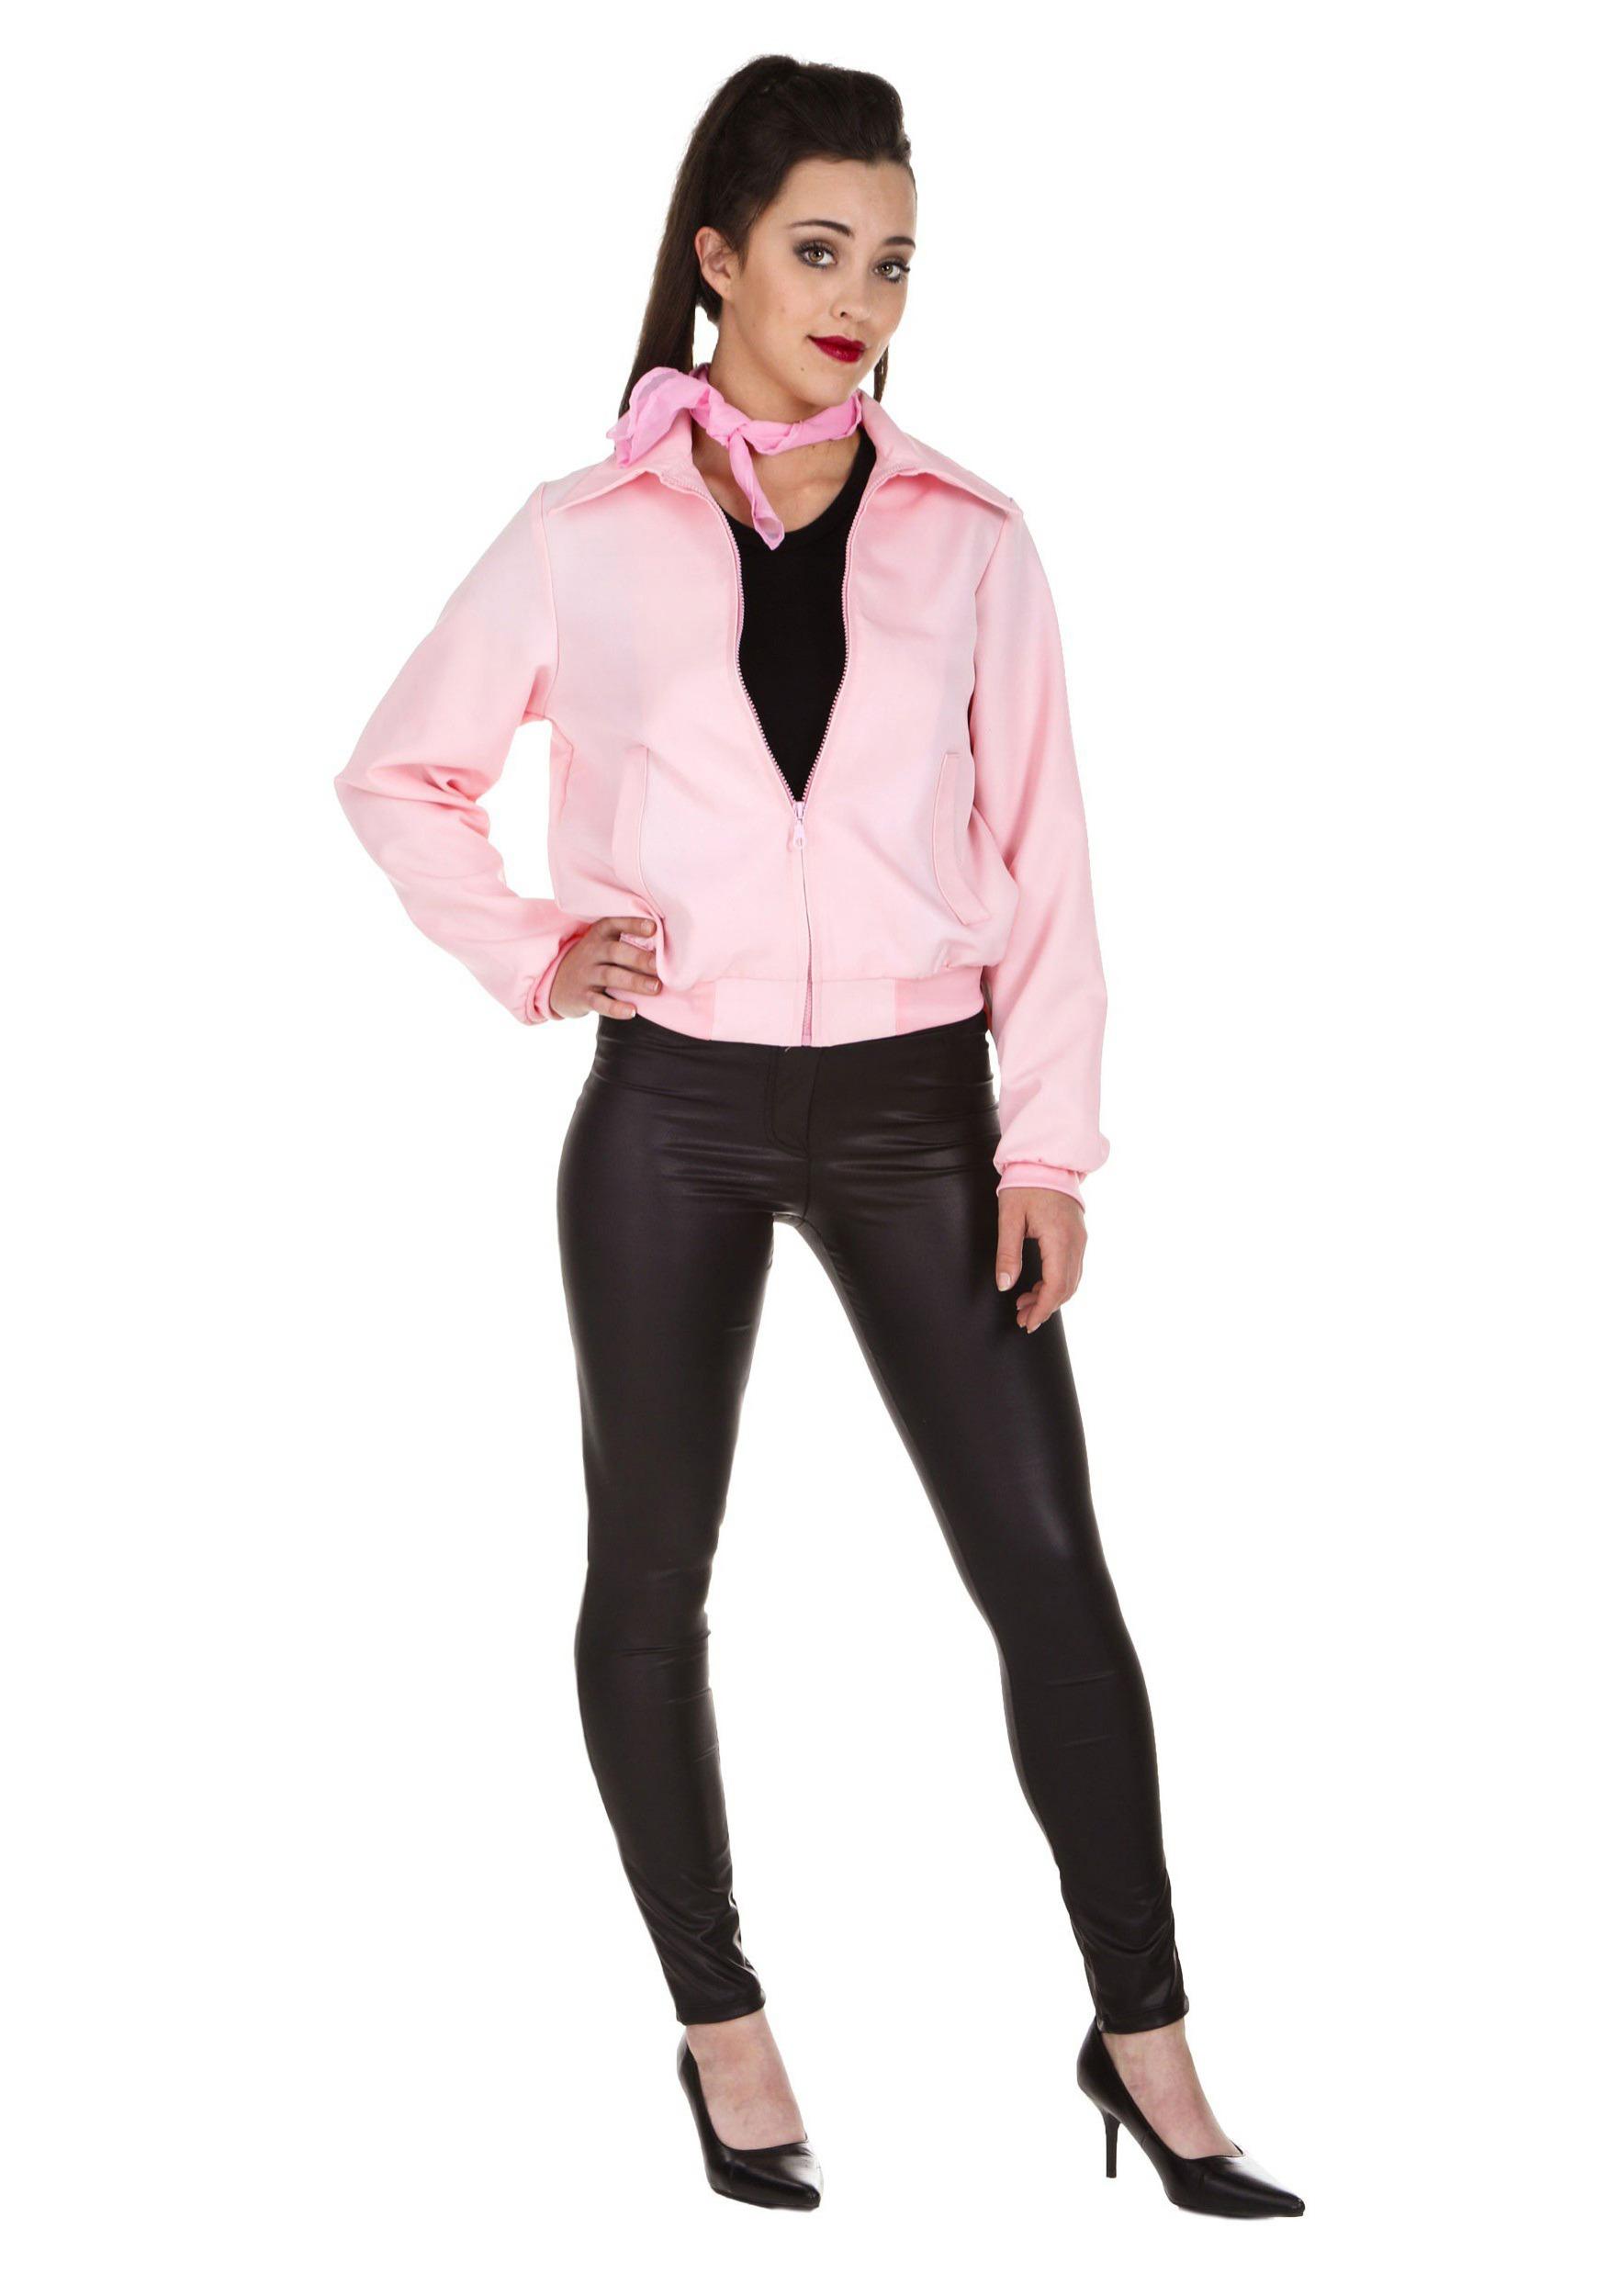 Deluxe Pink Ladies Jacket Costume for Women